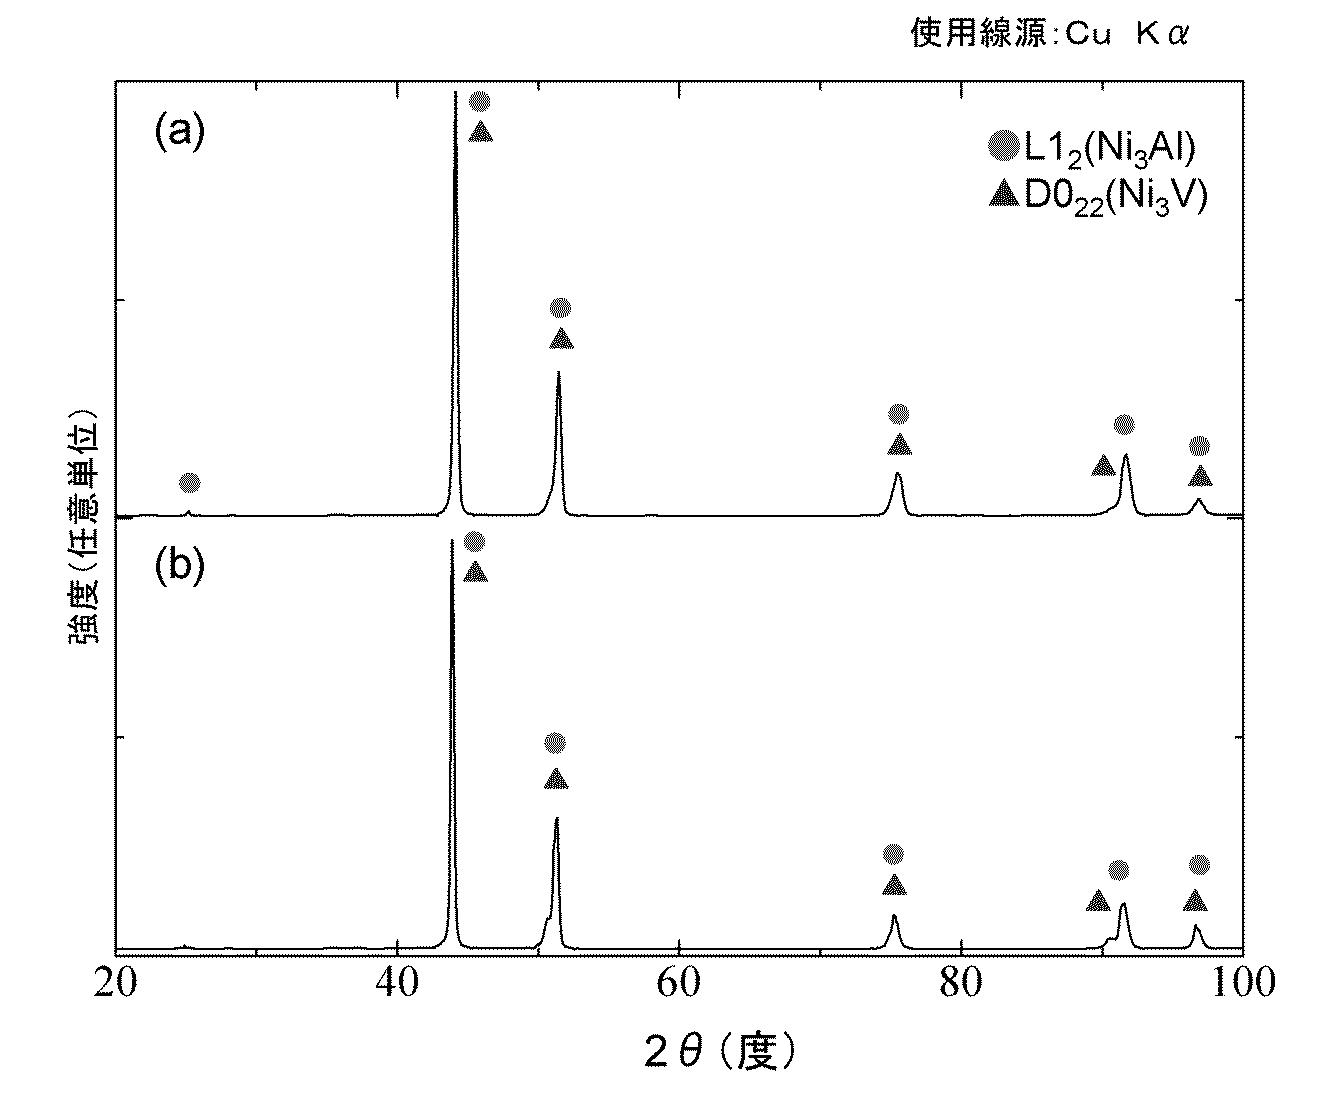 WO2013058338A1 - ニッケル基金属間化合物複合焼結材料およびその製造方法         - Google PatentsFamily